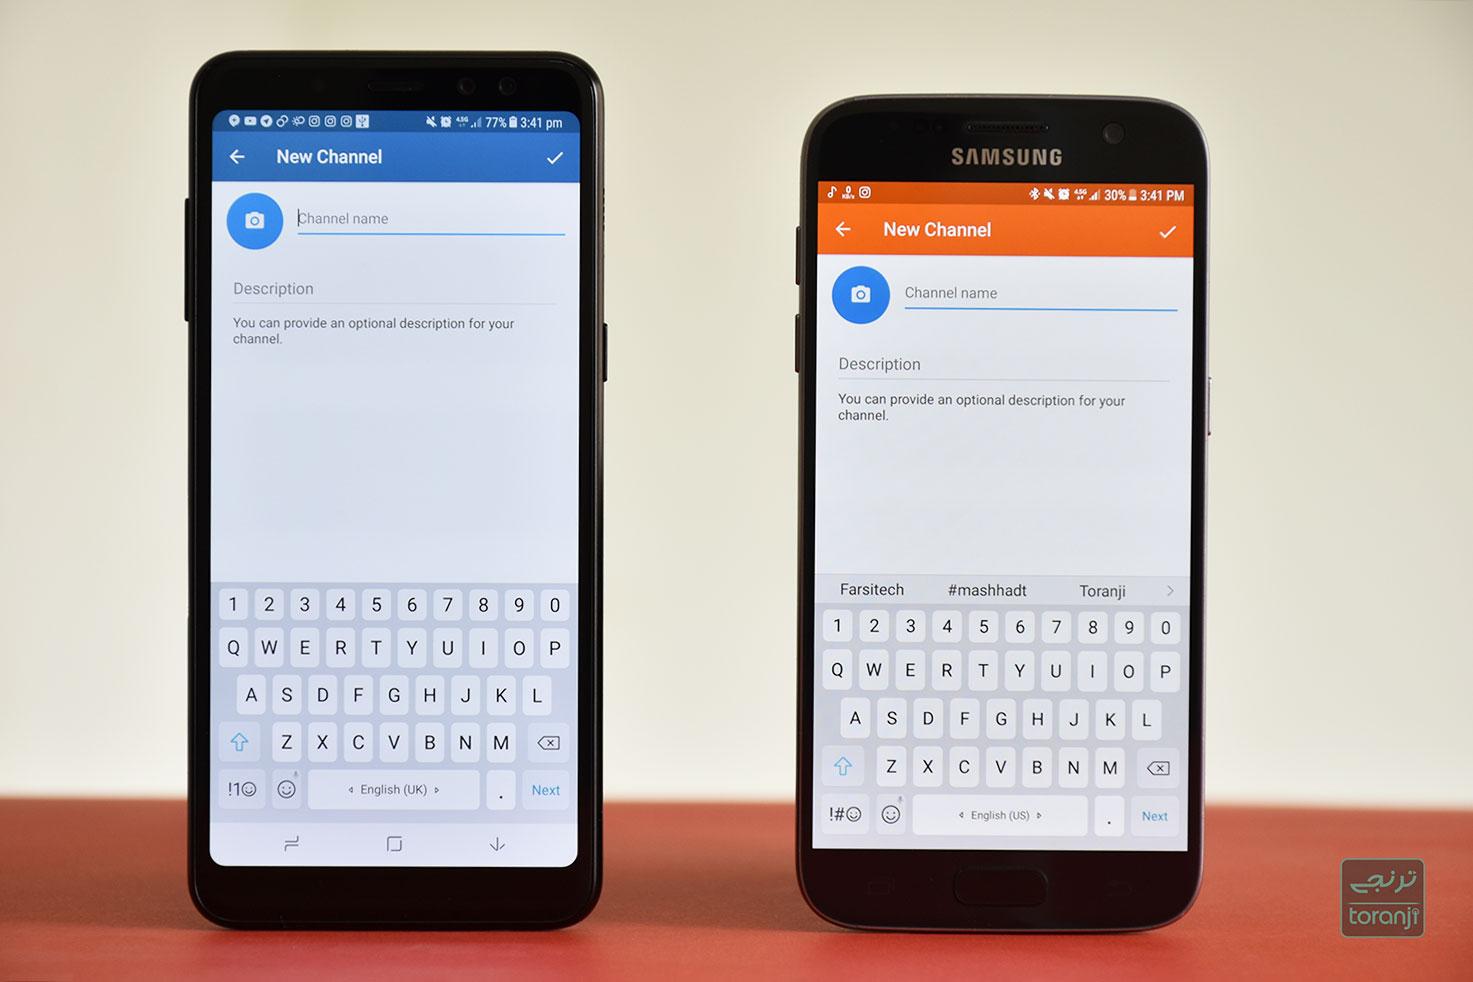 مقایسه پیام رسان داخلی ایتا (Eitaa) با تلگرام